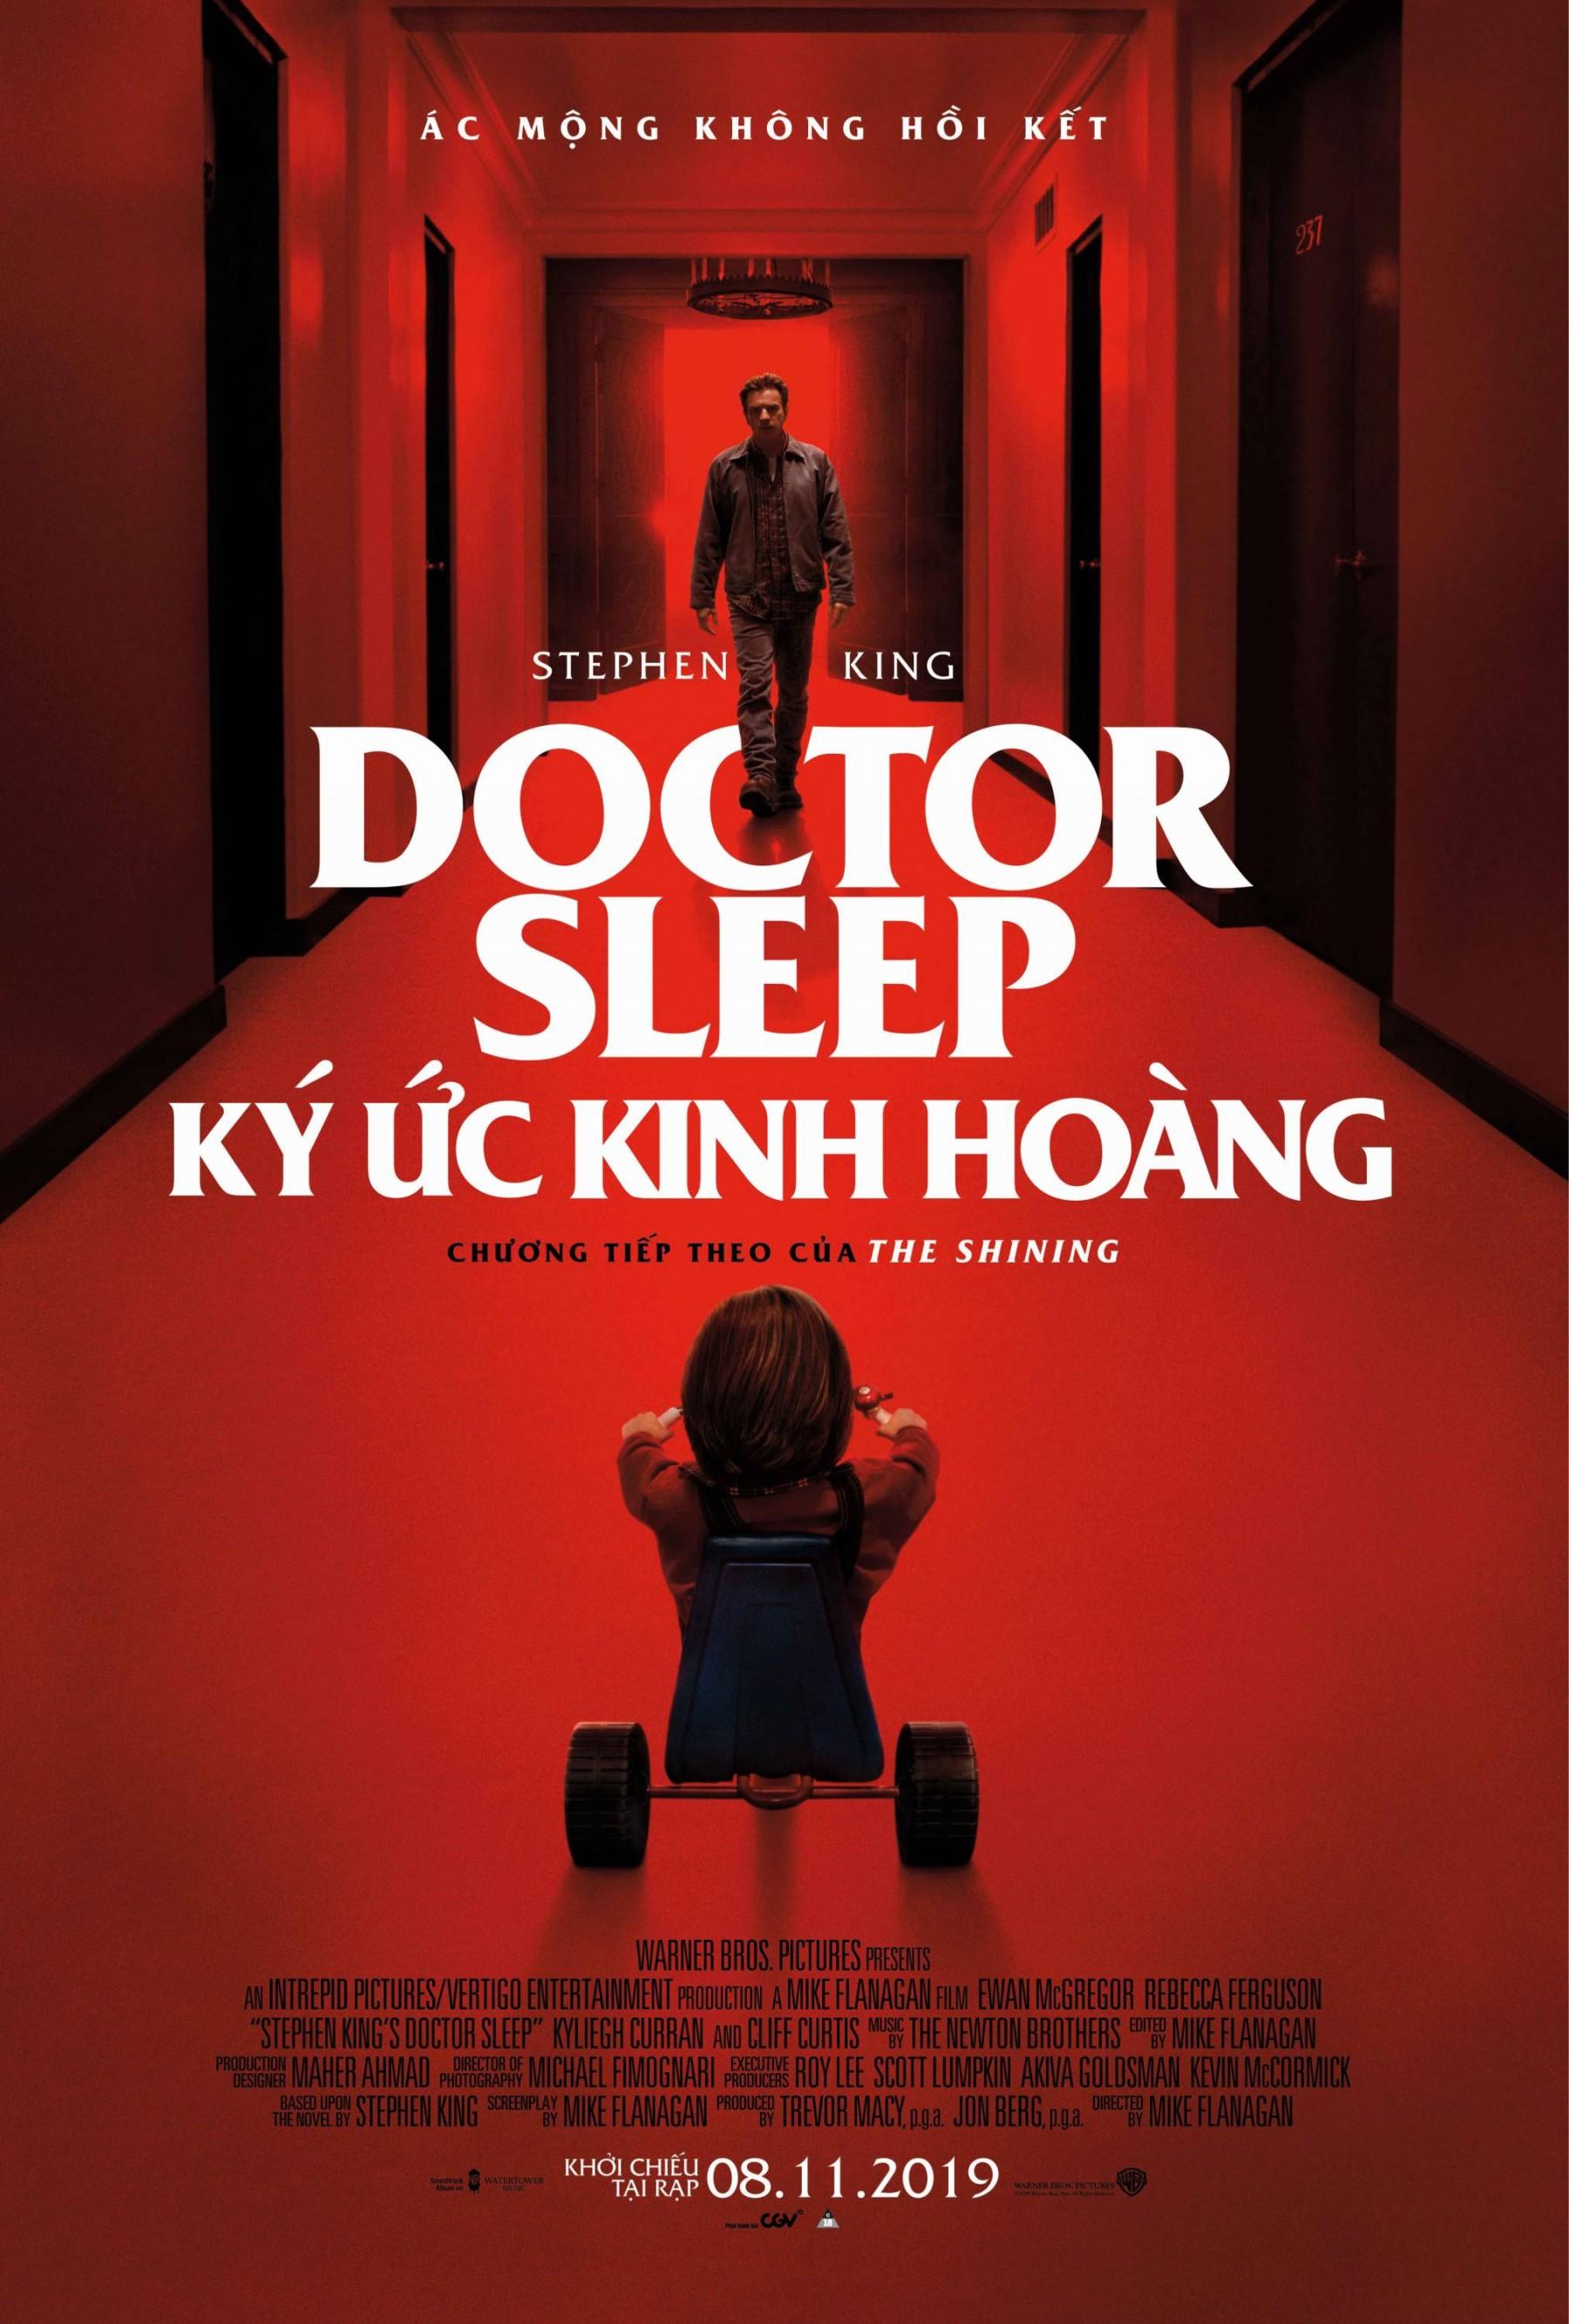 DOCTOR SLEEP / KÝ ỨC KINH HOÀNG